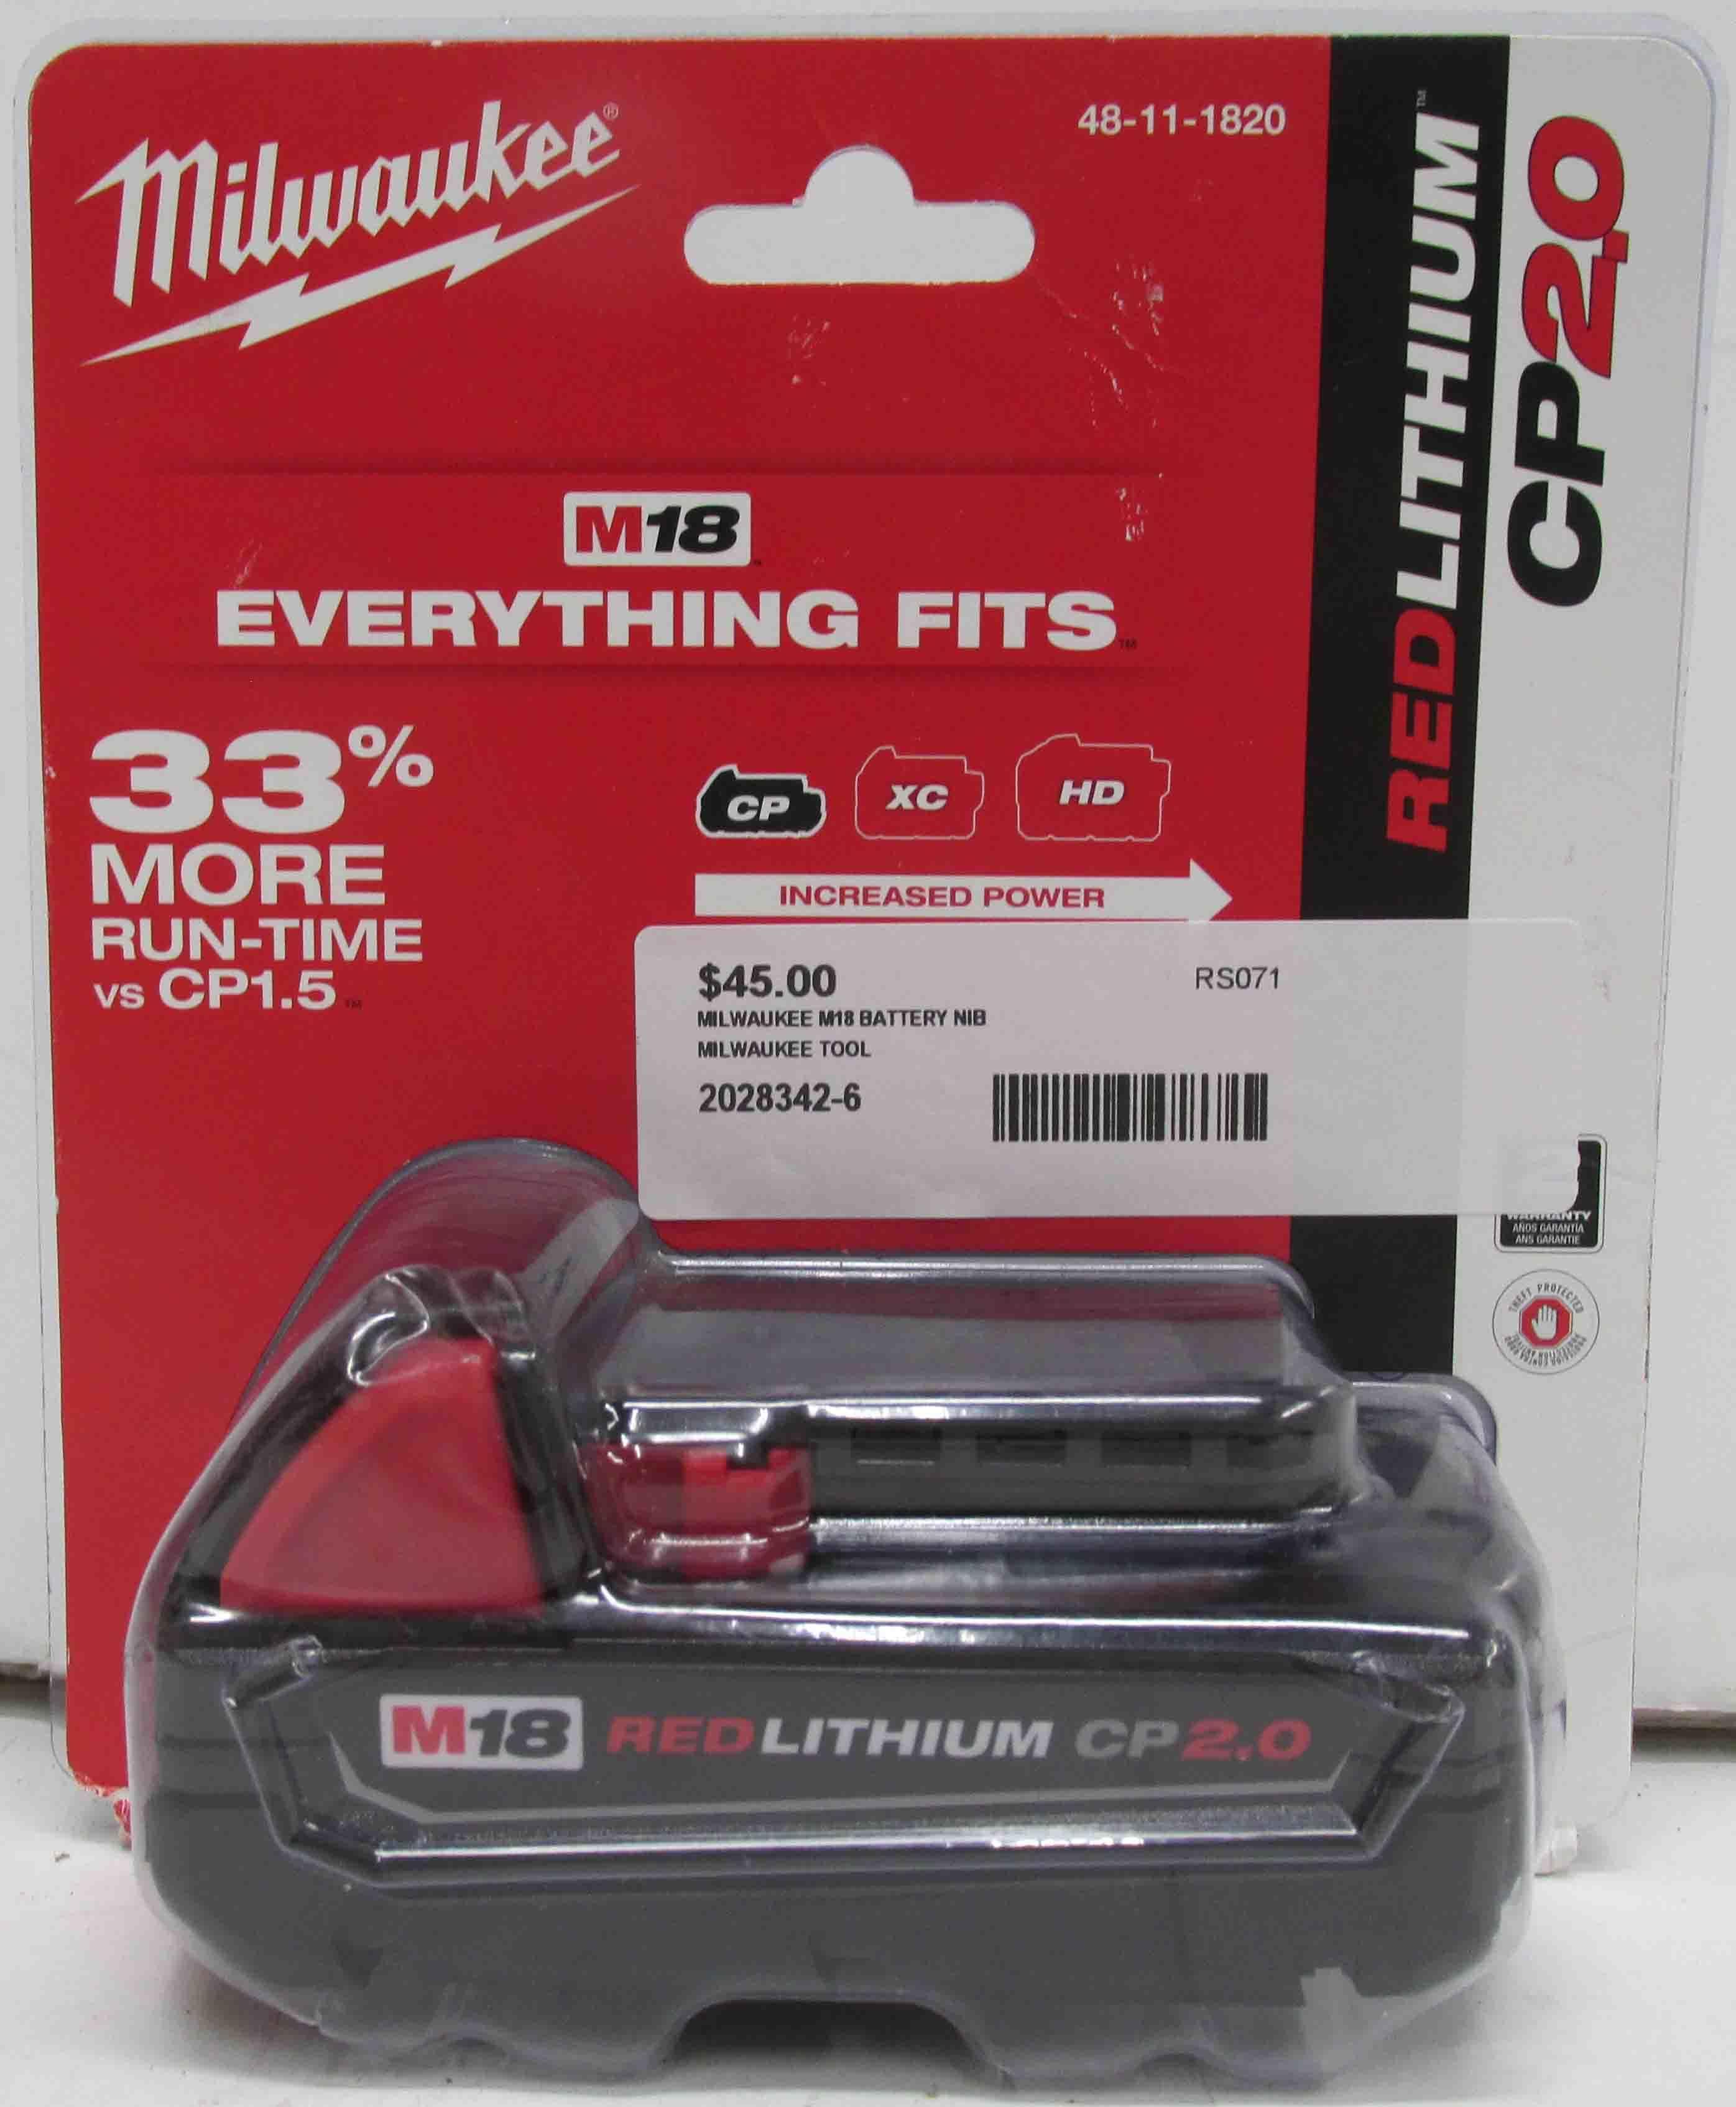 Milwaukee 48-11-1820 M18 RedLithium CP2.0 Battery  -  NEW